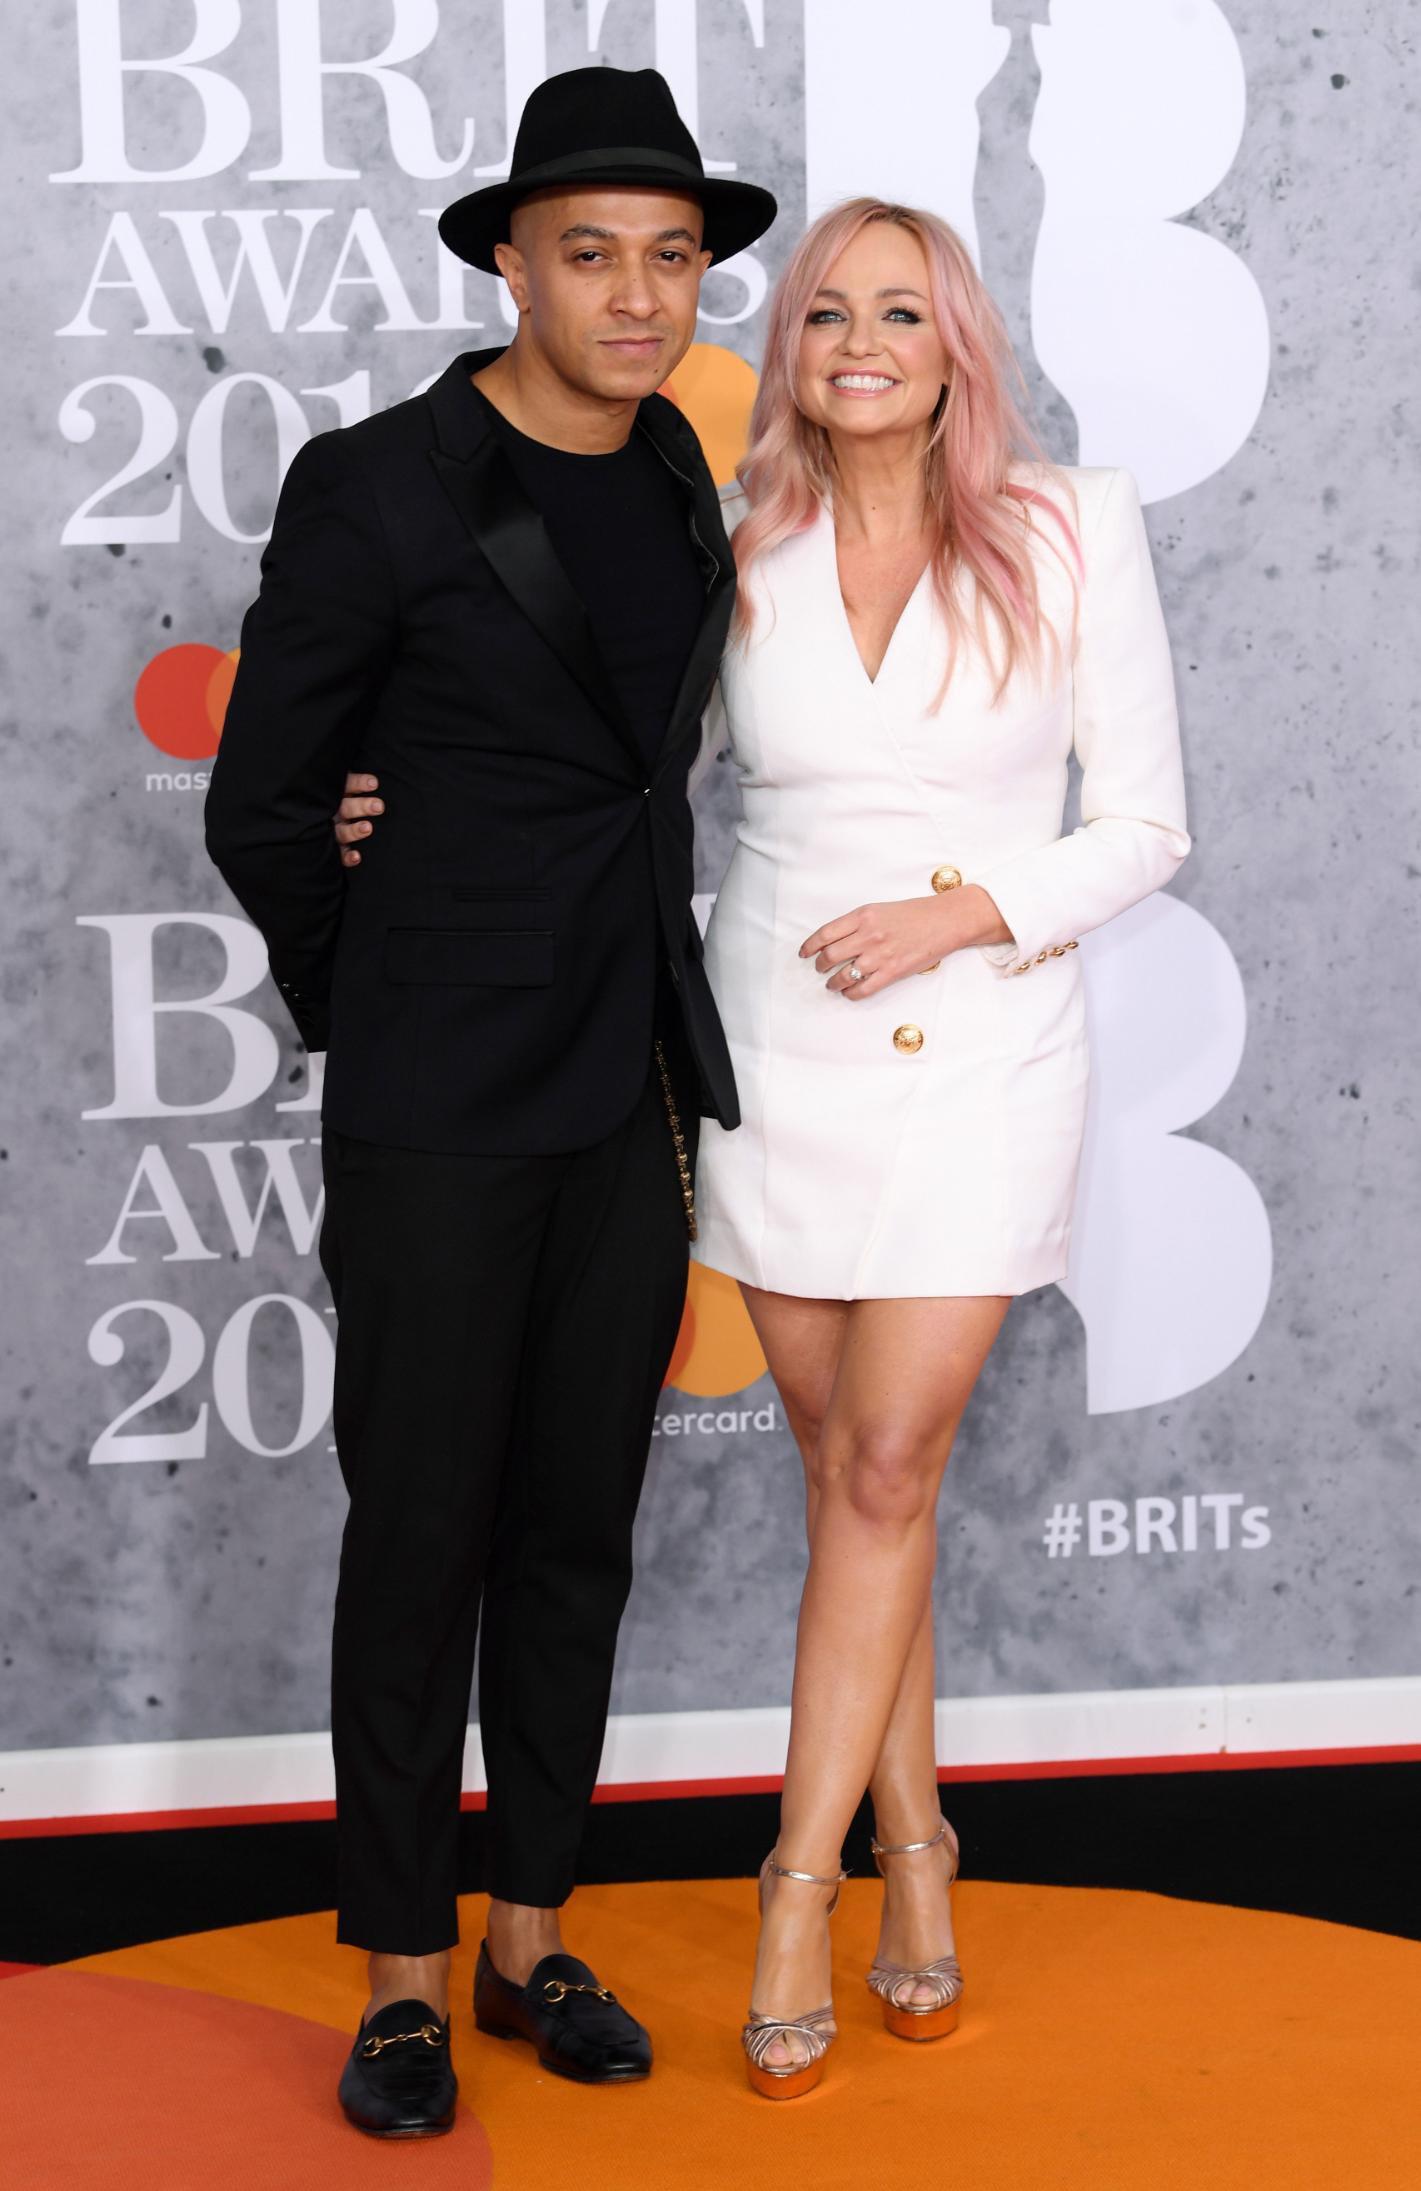 'Baby Spice' Emma Bunton marries her long-term partner, Jade Jones